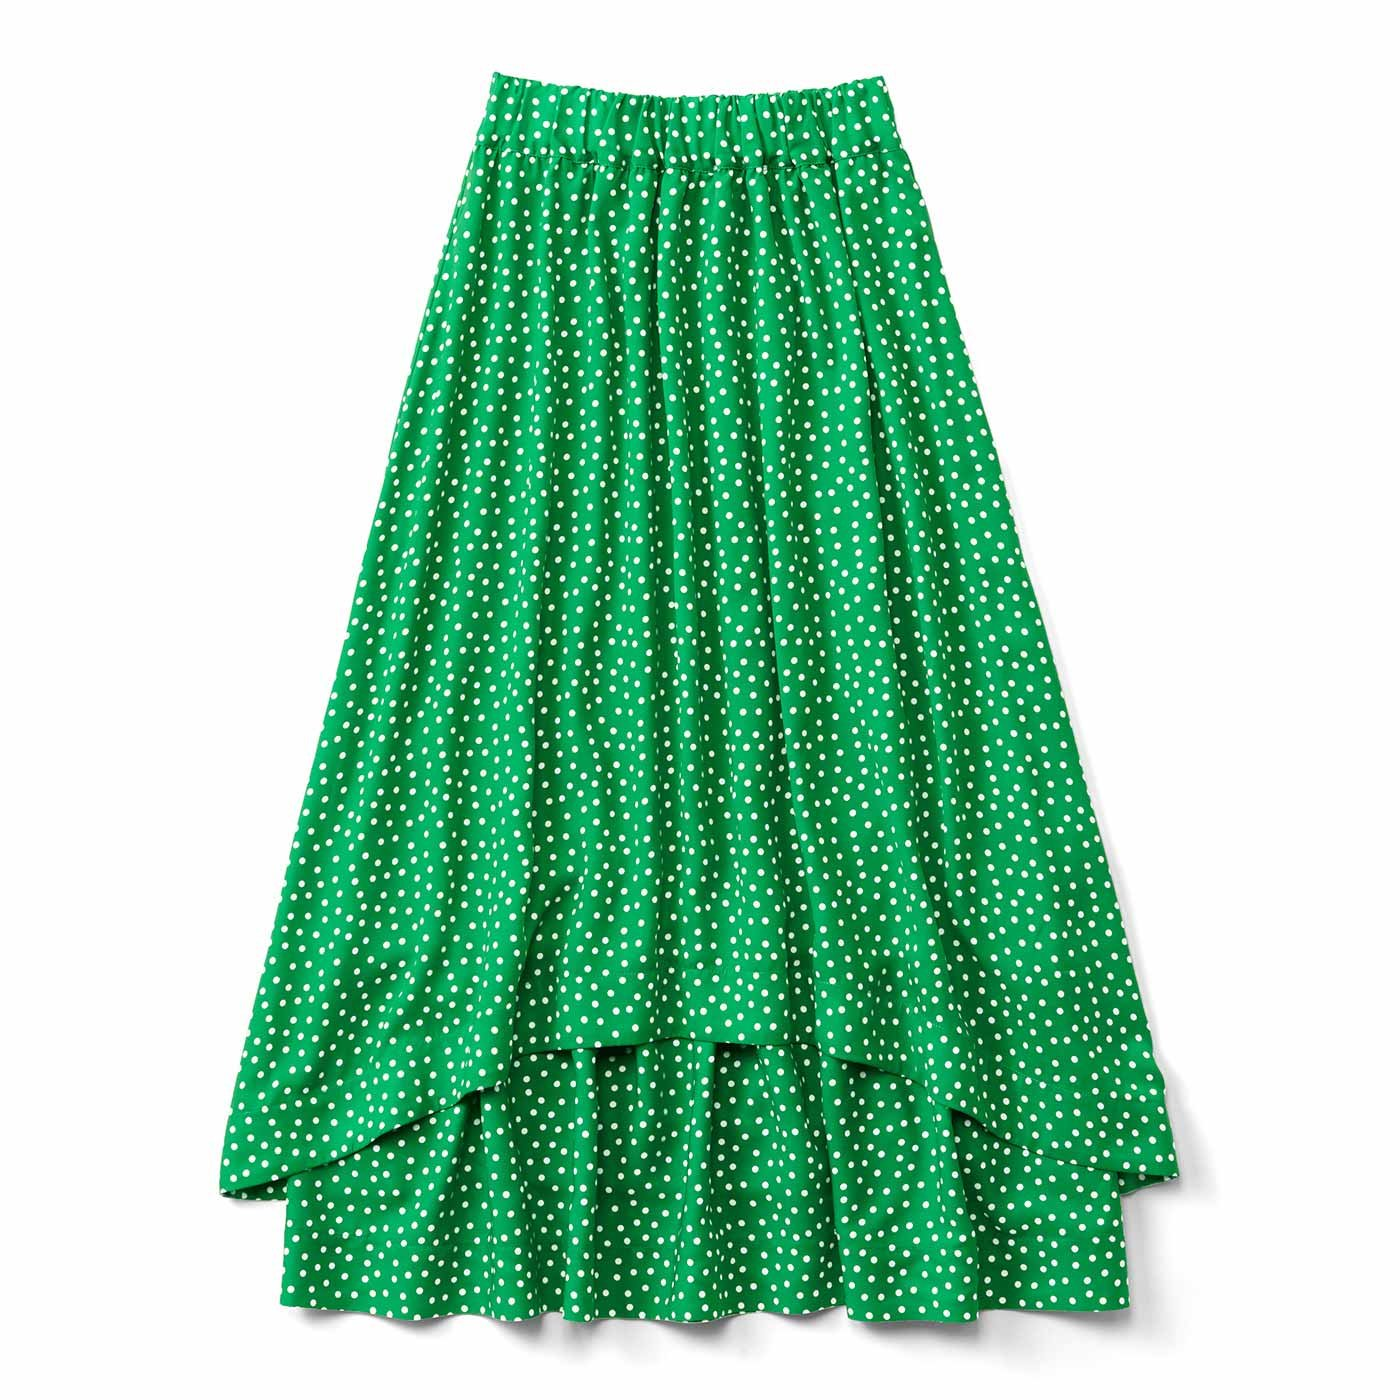 ボリュームとすそラインがロマンティックな水玉スカート〈グリーン〉